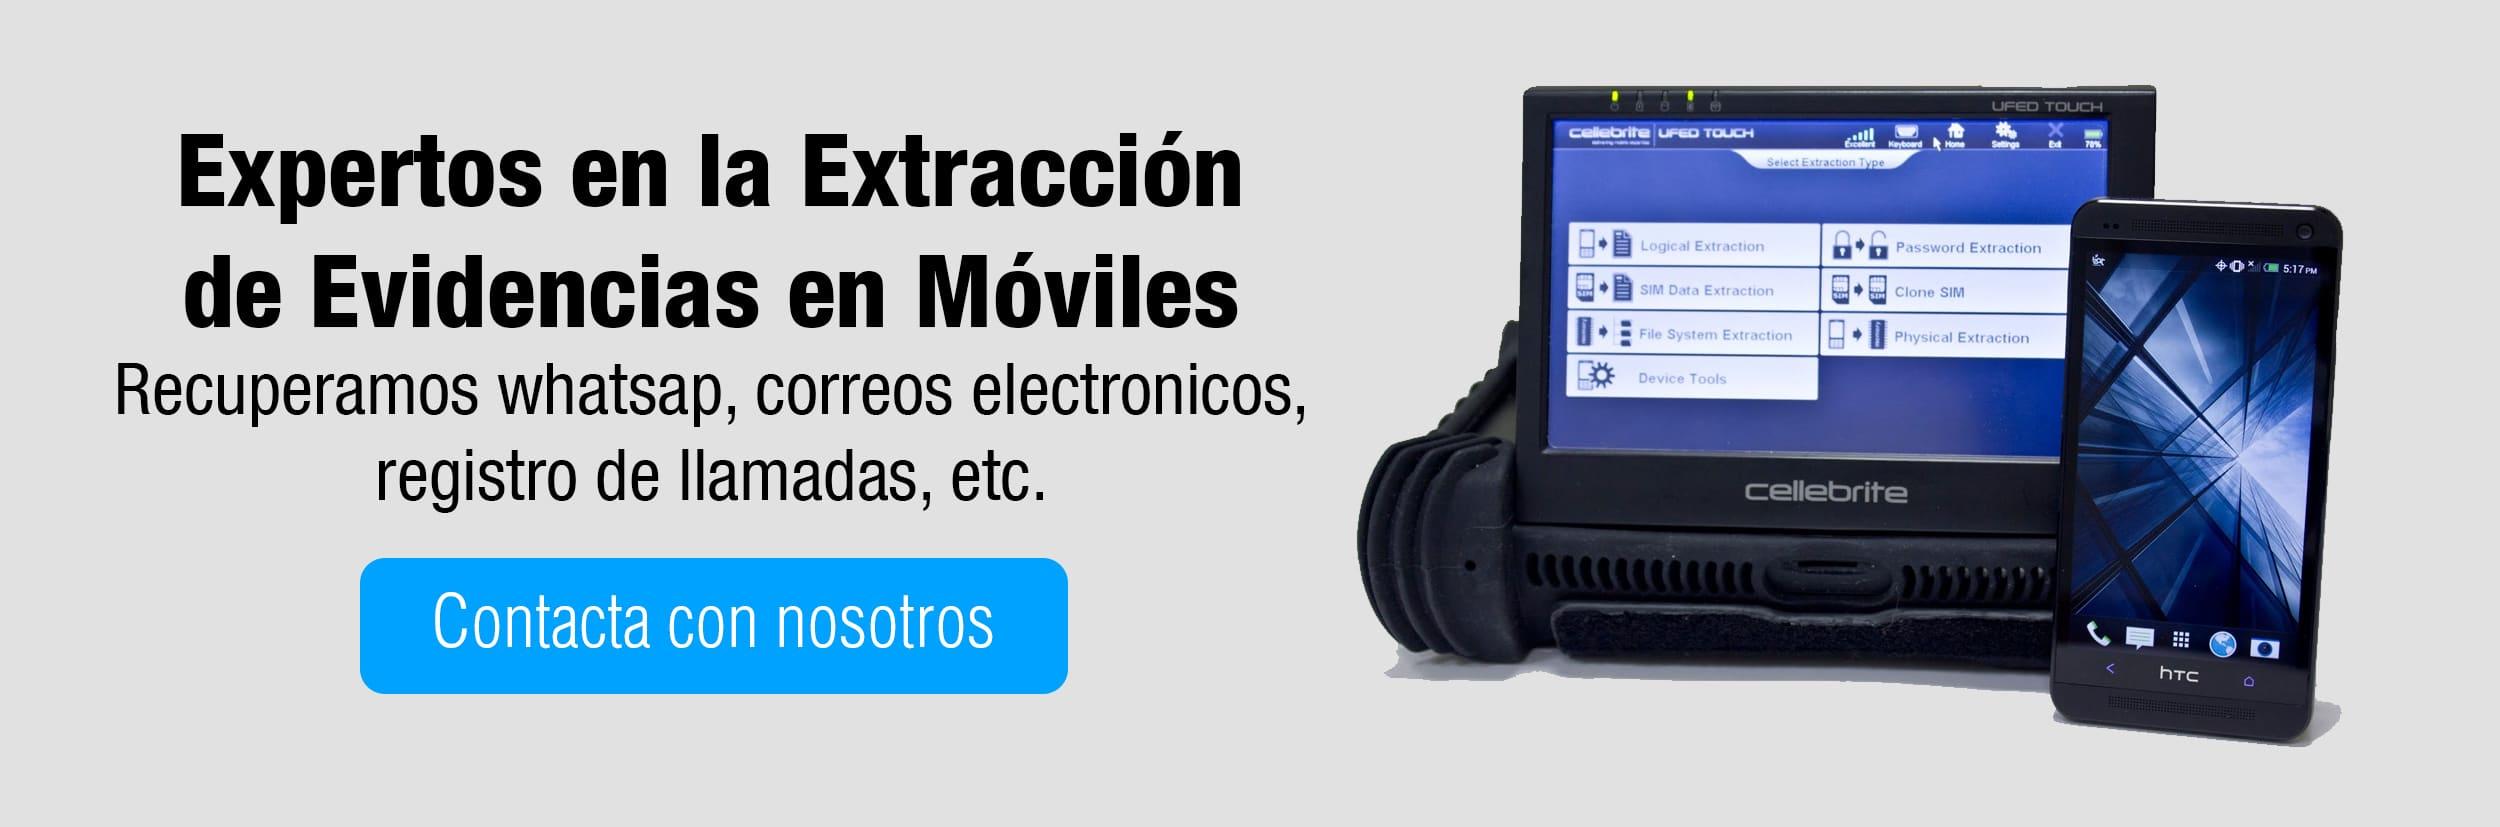 extraccion de evidencias digitales moviles perito informatico